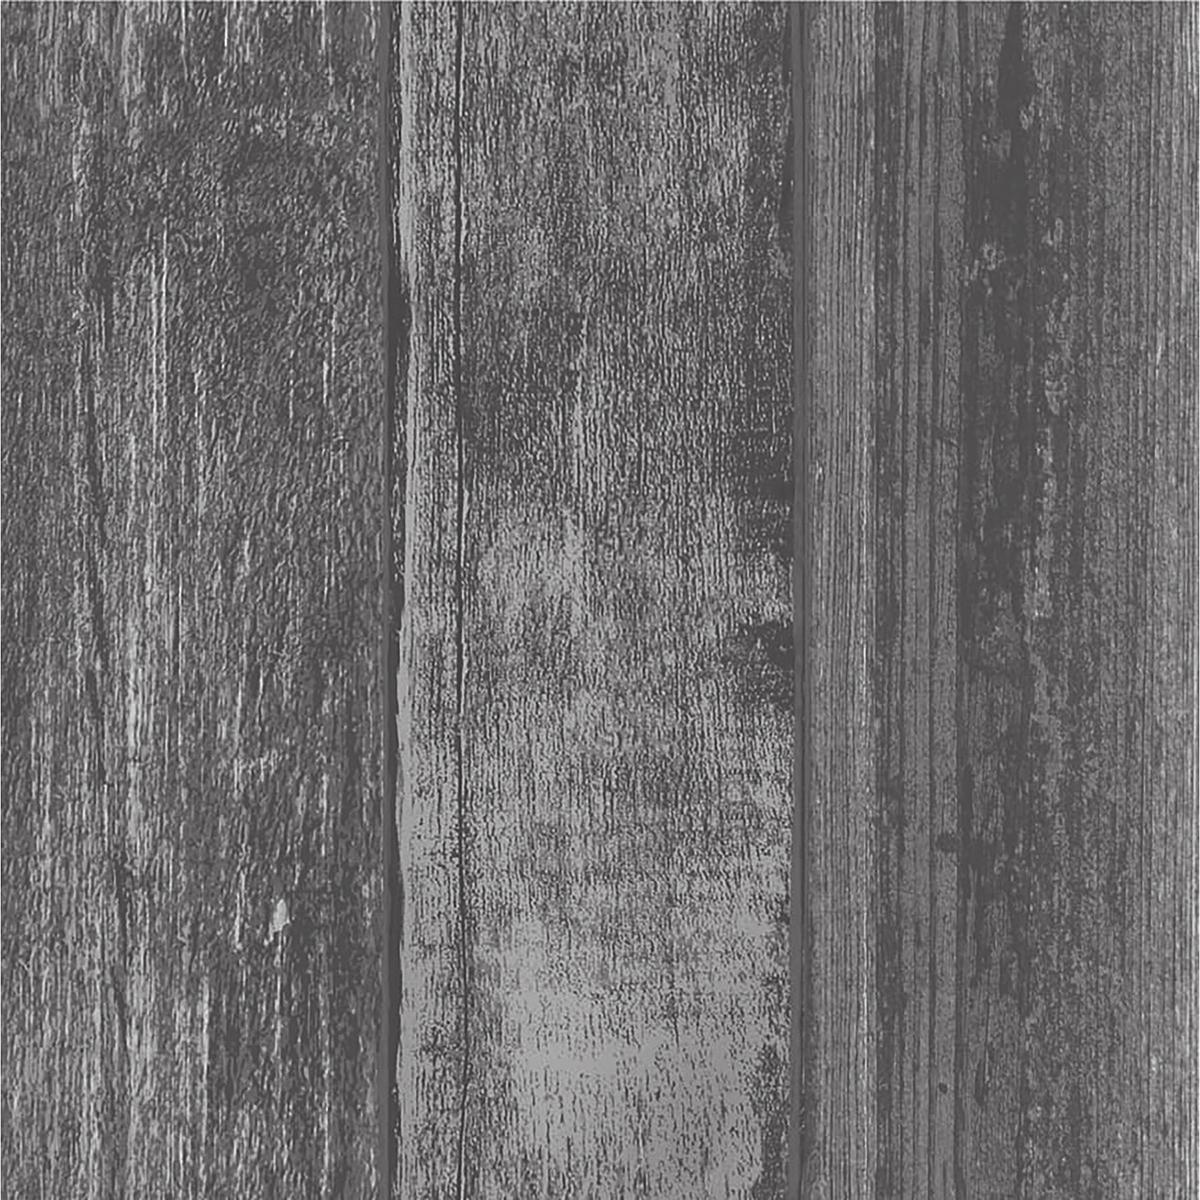 vanleer peel and stick floor tiles